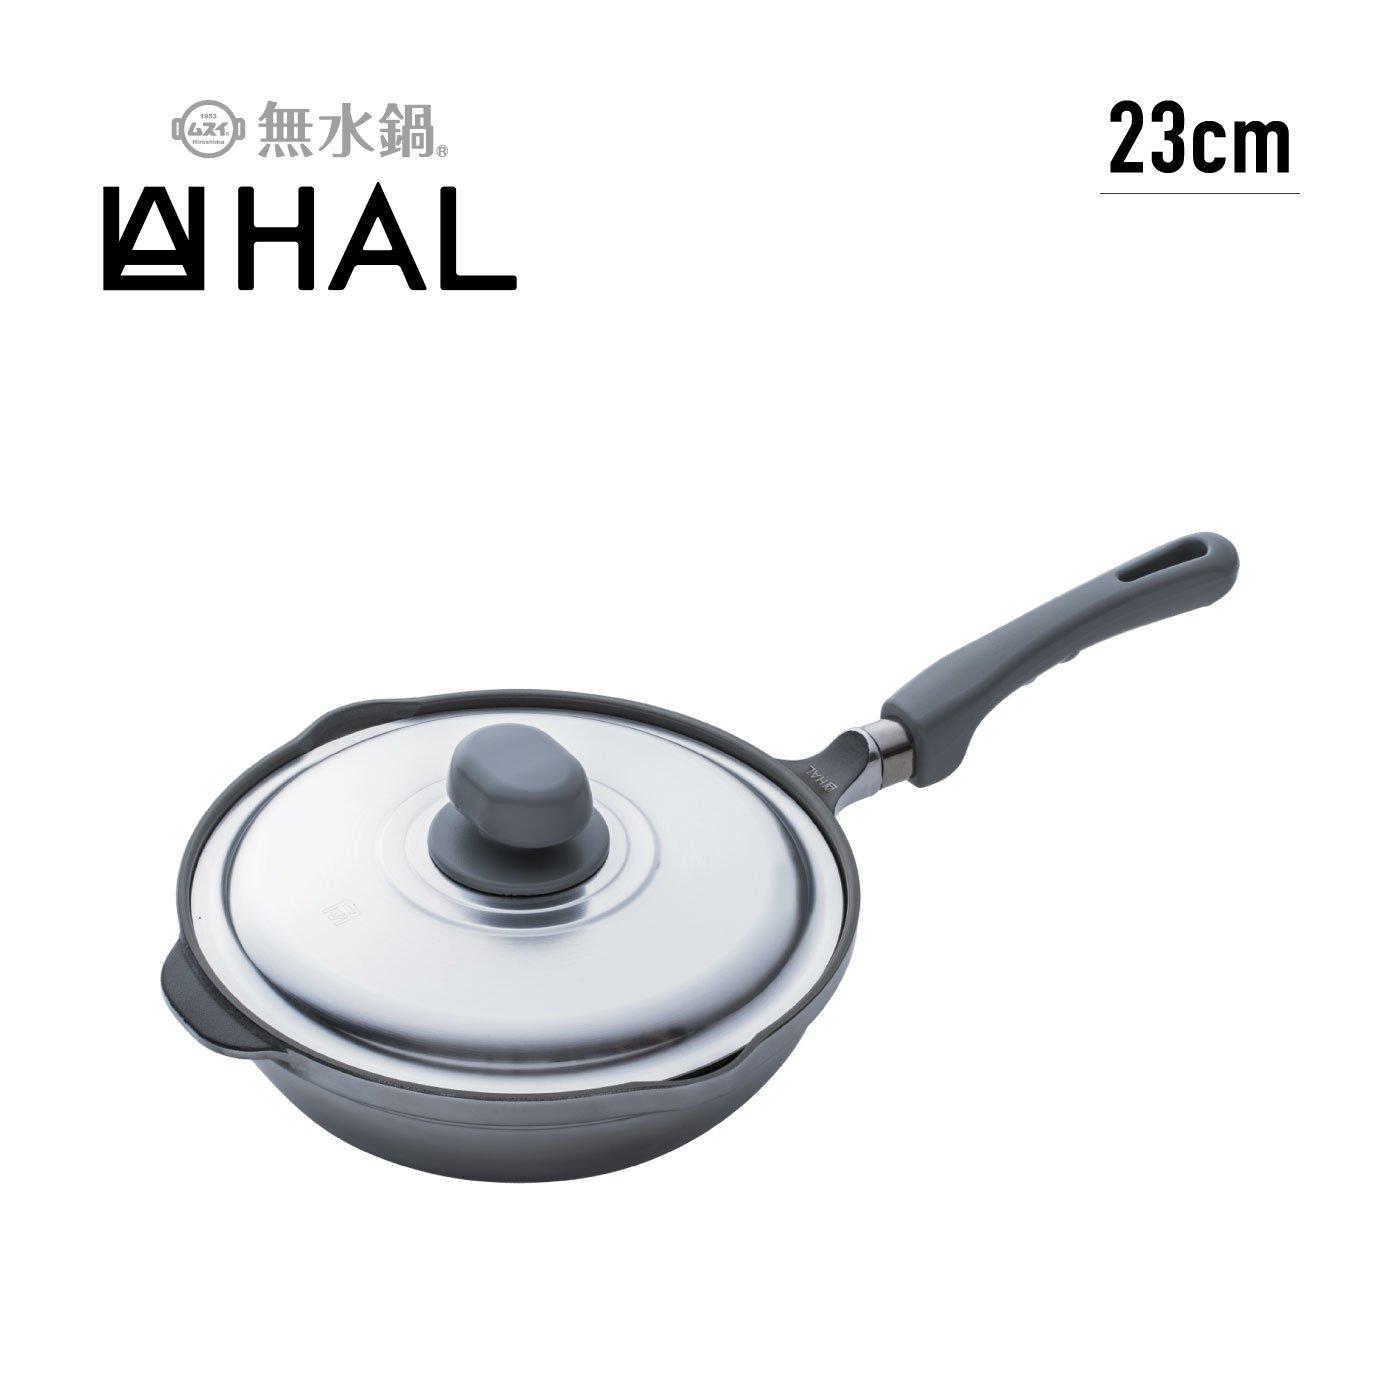 「手早く、おいしく」スマートライフのパートナー HAL万能無水鍋(R)23cm